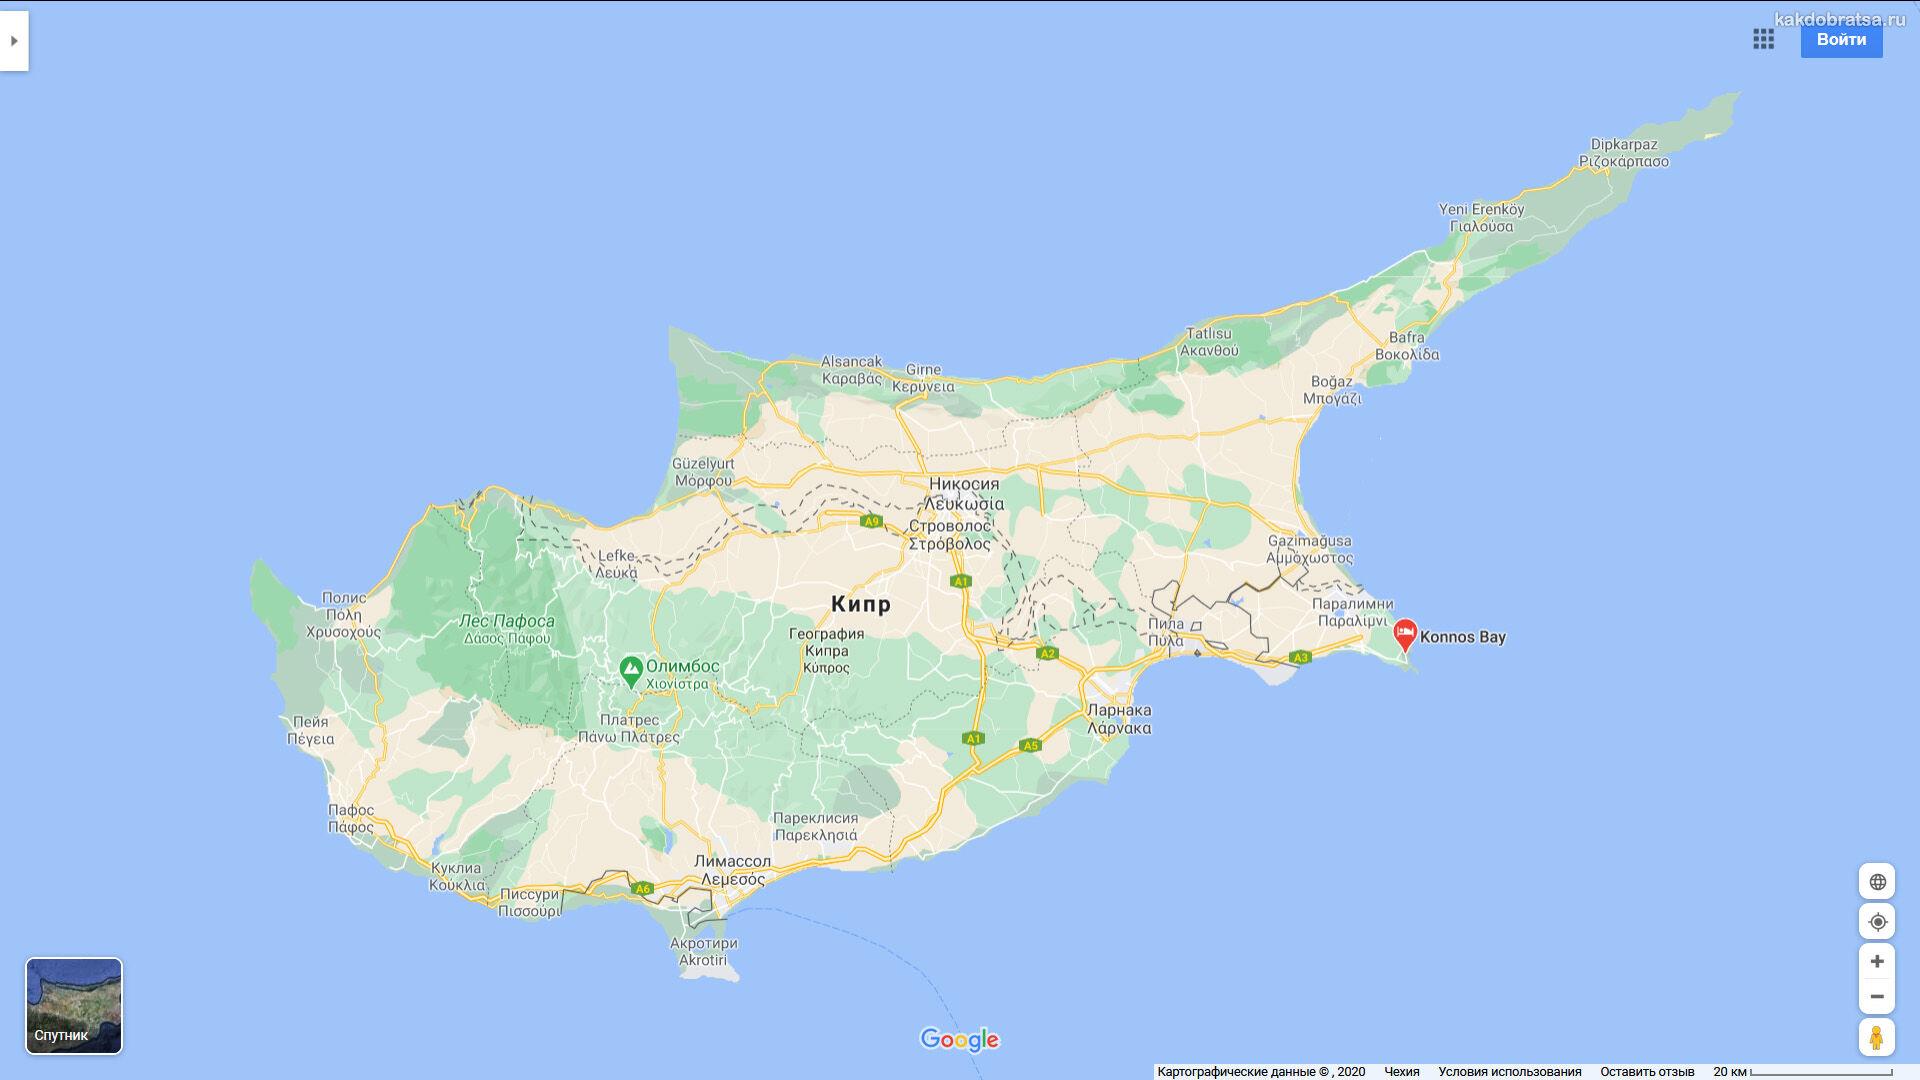 Пляж Коннос Бэй на Кипре адрес и где находится